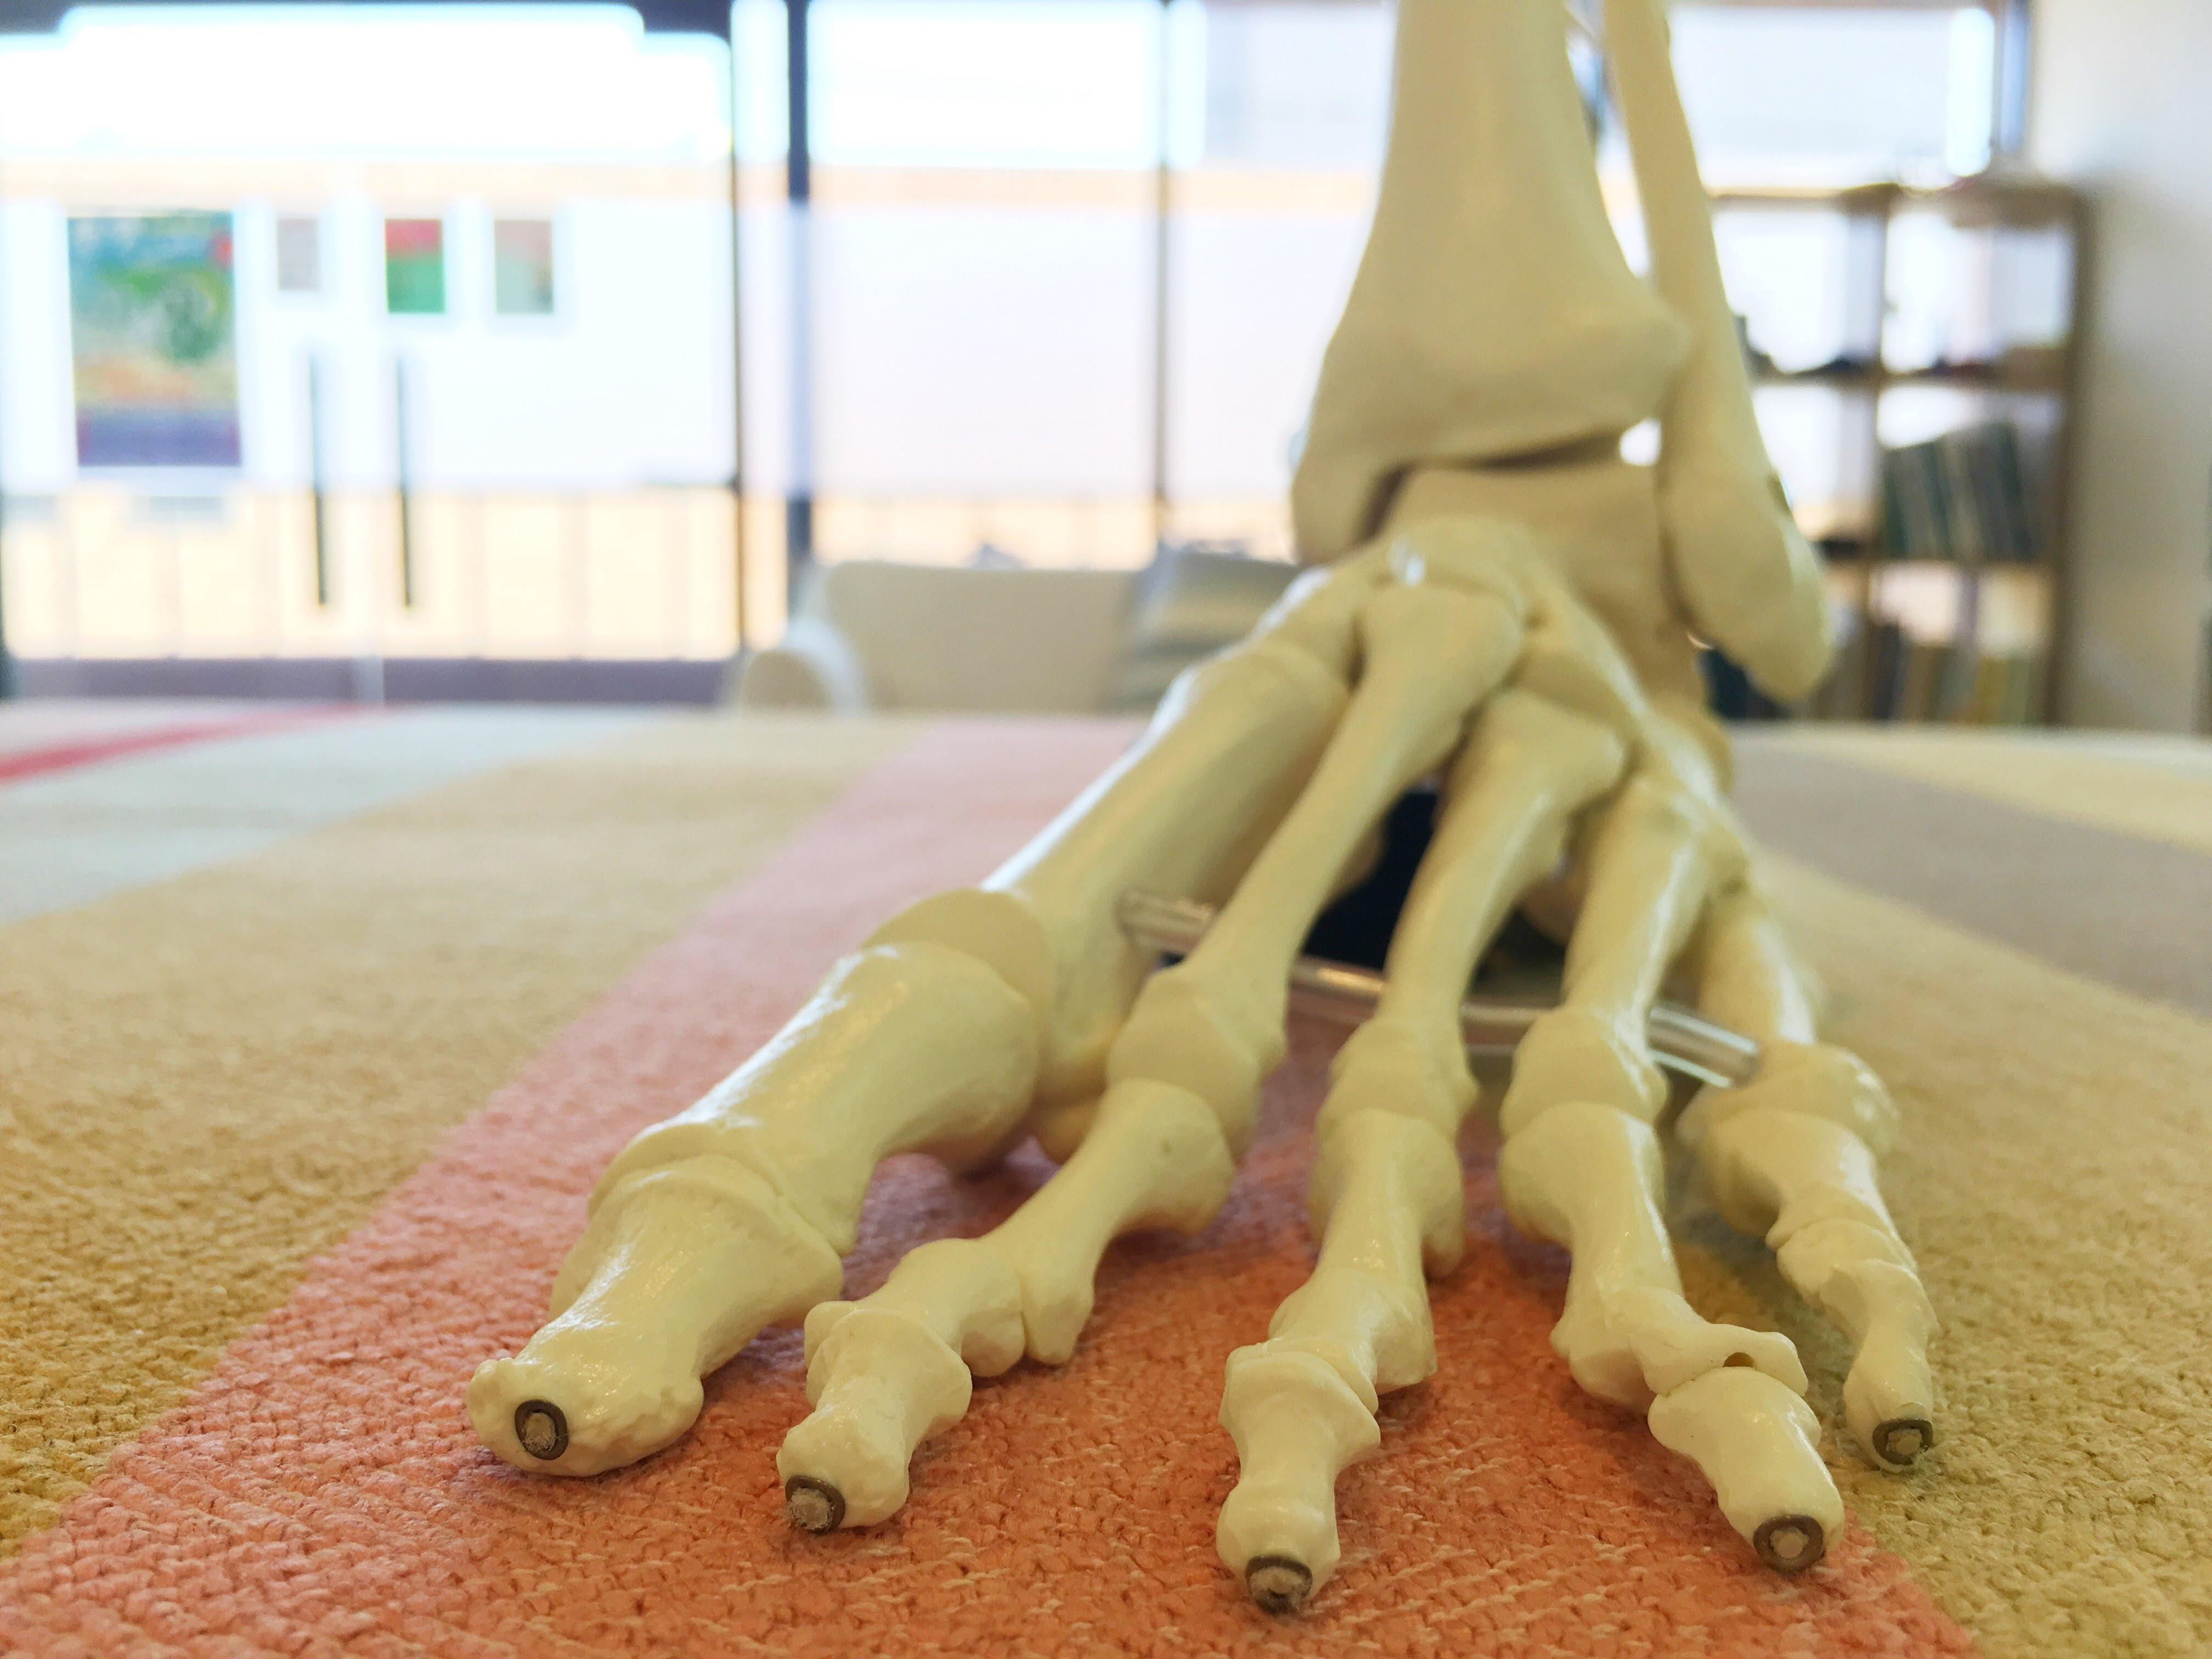 みんな骨盤の歪みは気にするけれど、意外と足については無関心だったりする